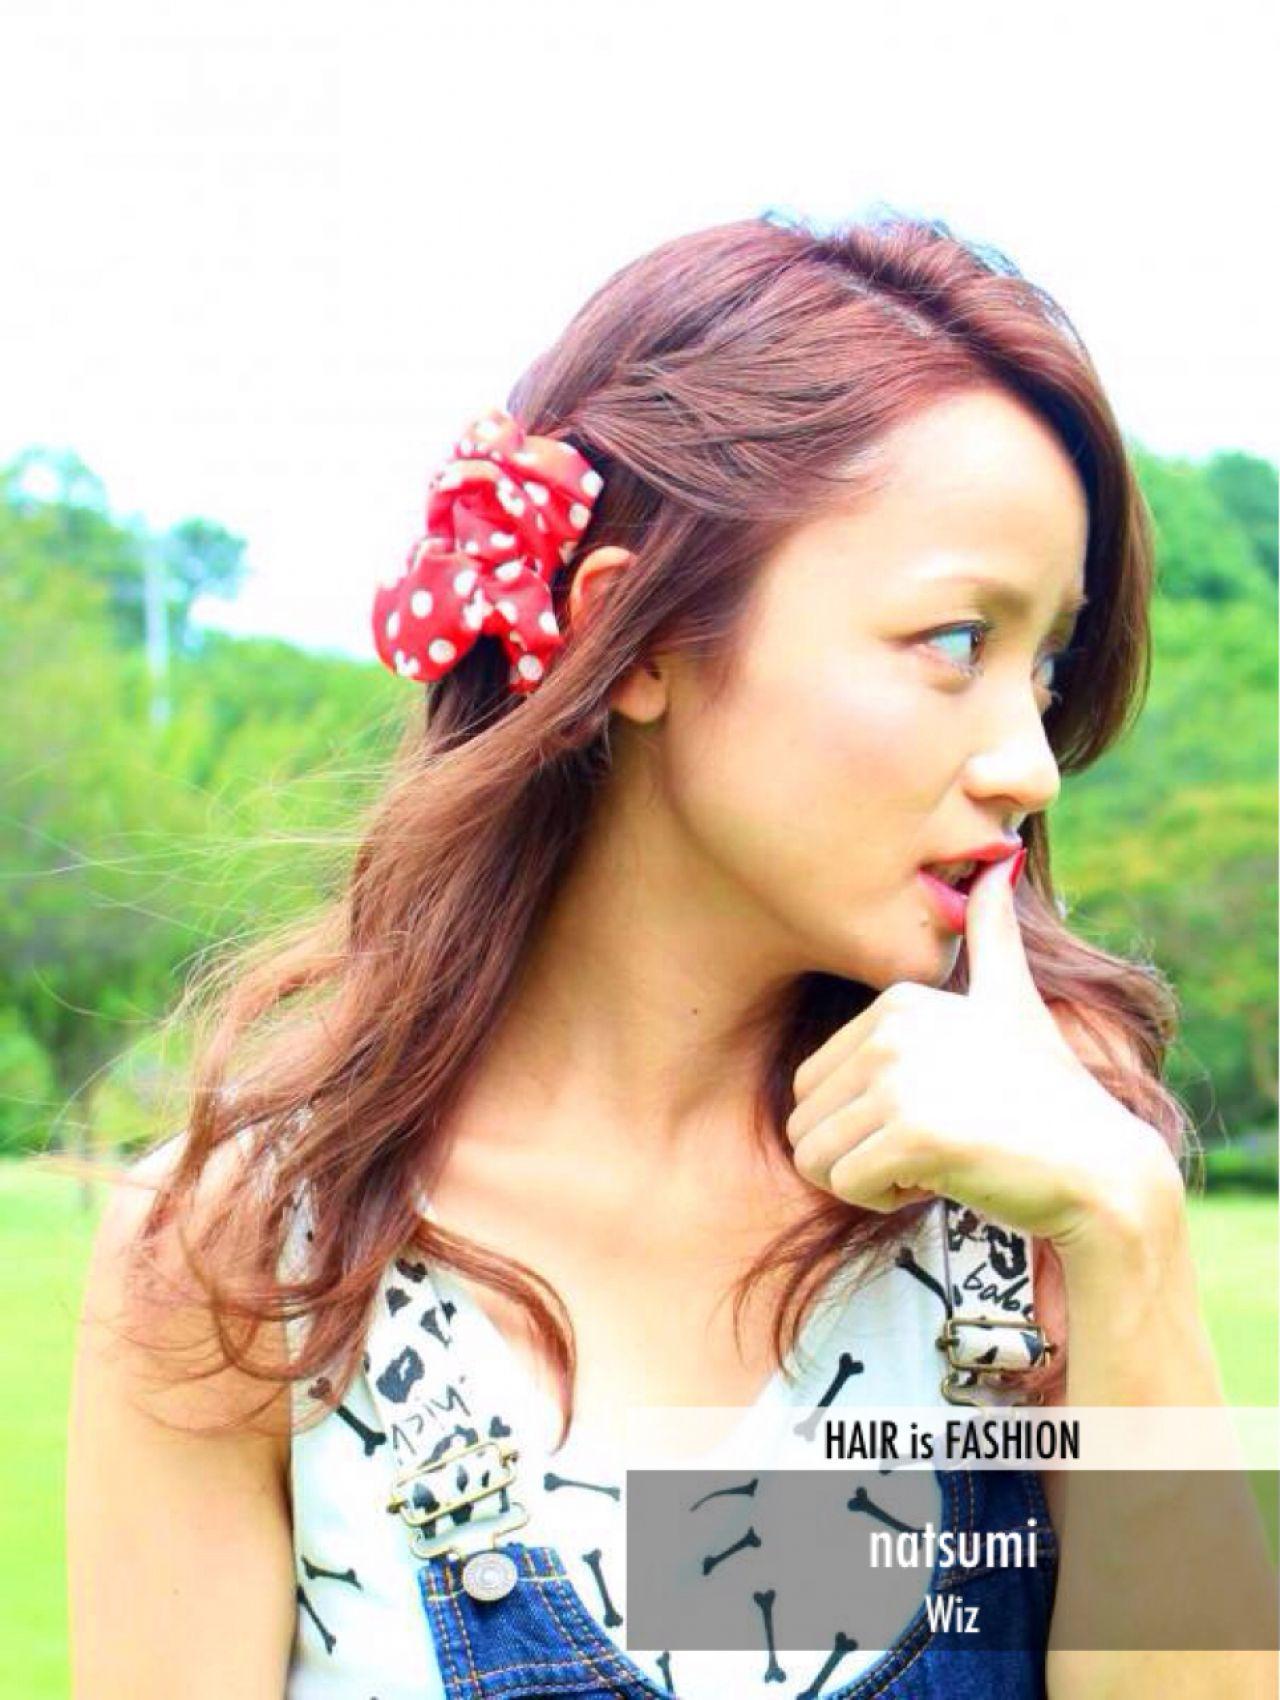 モテ髪 ウェットヘア 愛され ガーリー ヘアスタイルや髪型の写真・画像 | natsumi / Wiz富里店